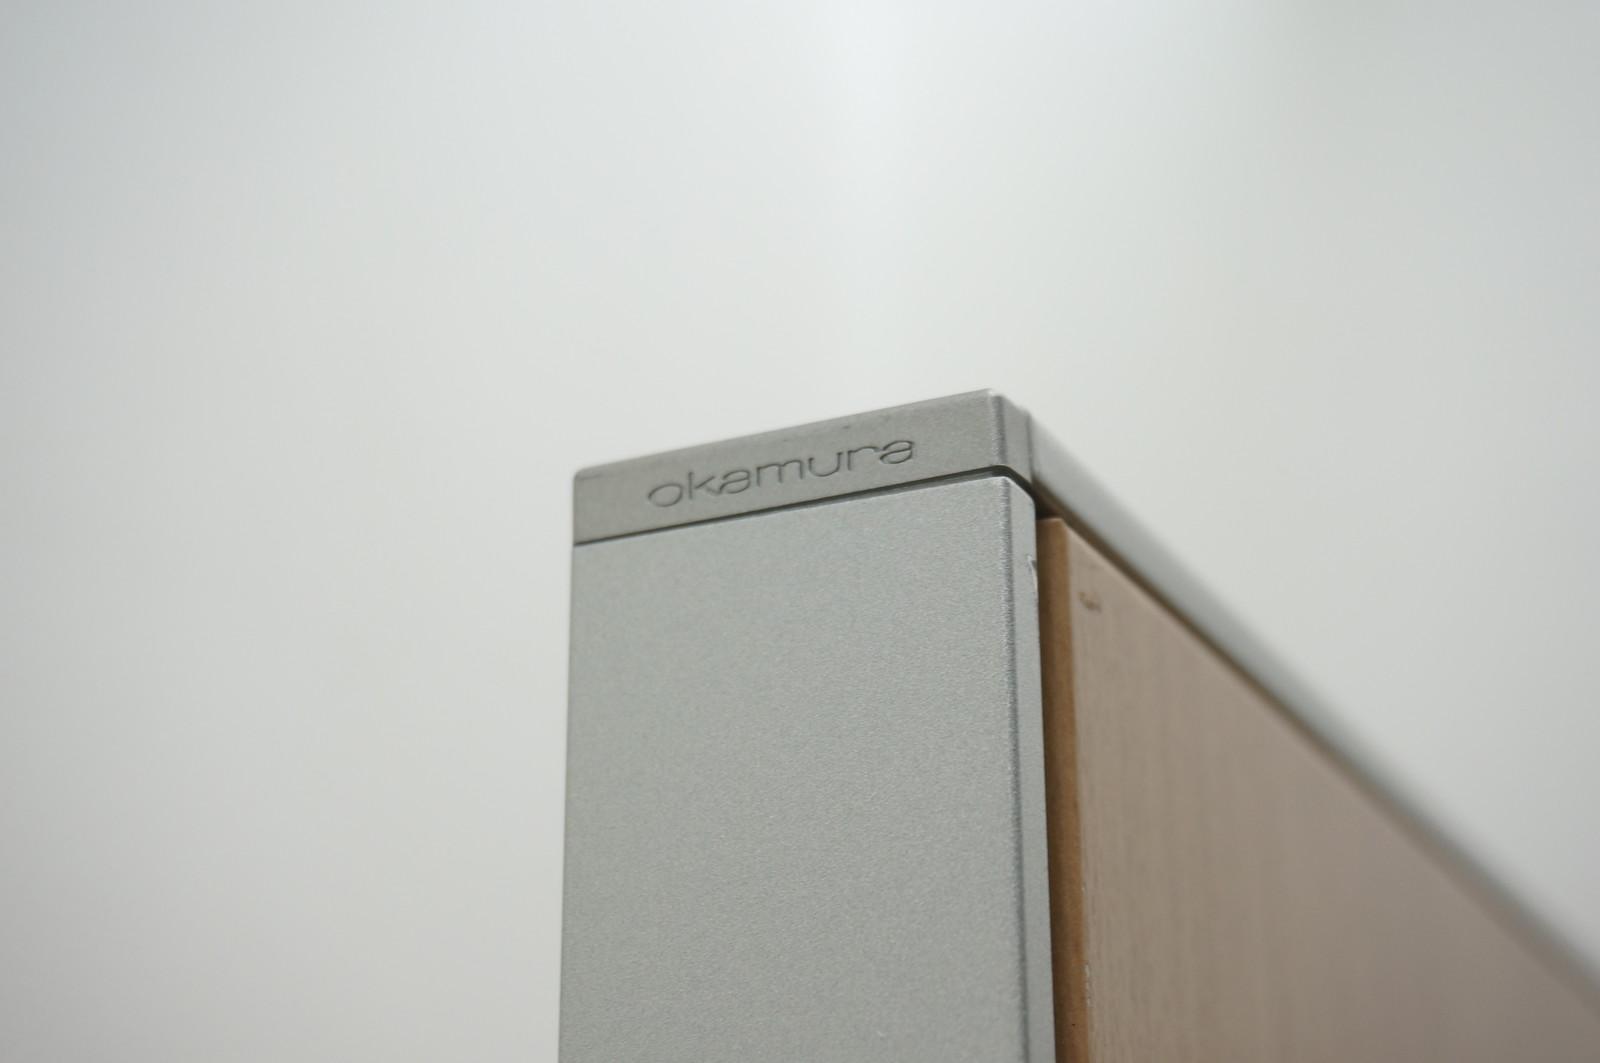 オカムラ ポジット パーティション スチールパネル ネオウッドミディアム H1920